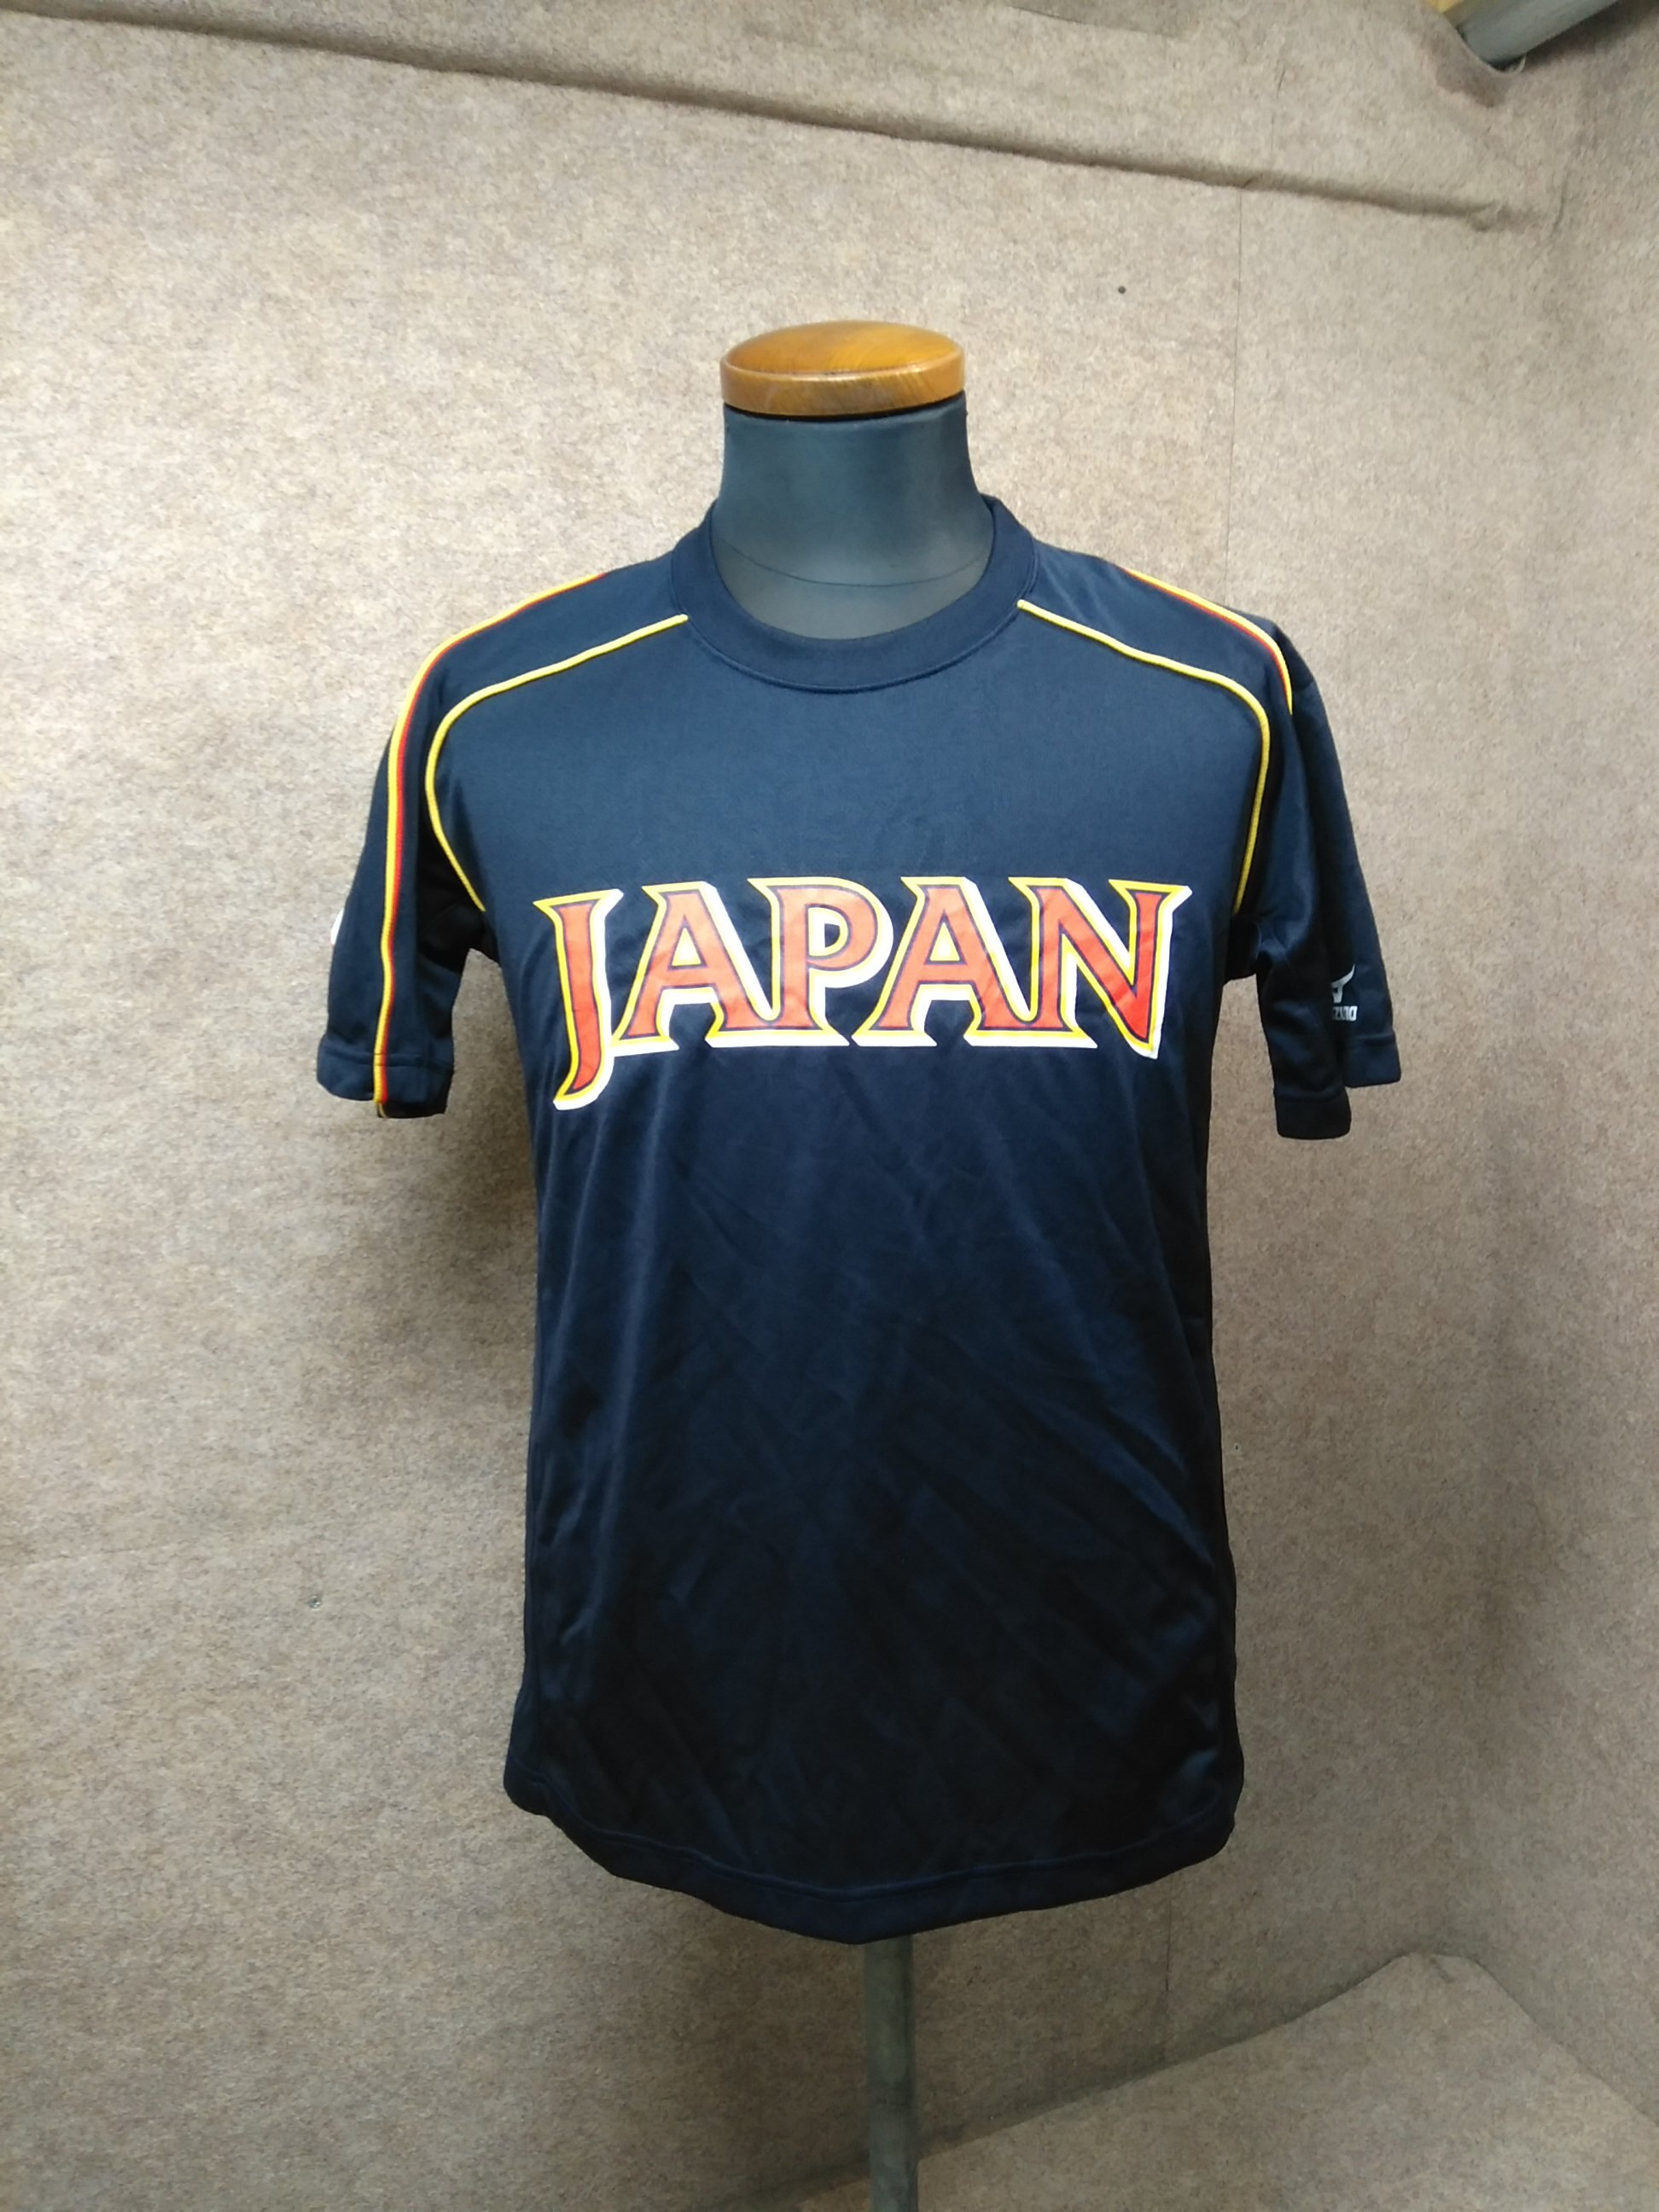 日本代表 Tシャツ サムライジャパン 坂本勇人 #6 M mh194s